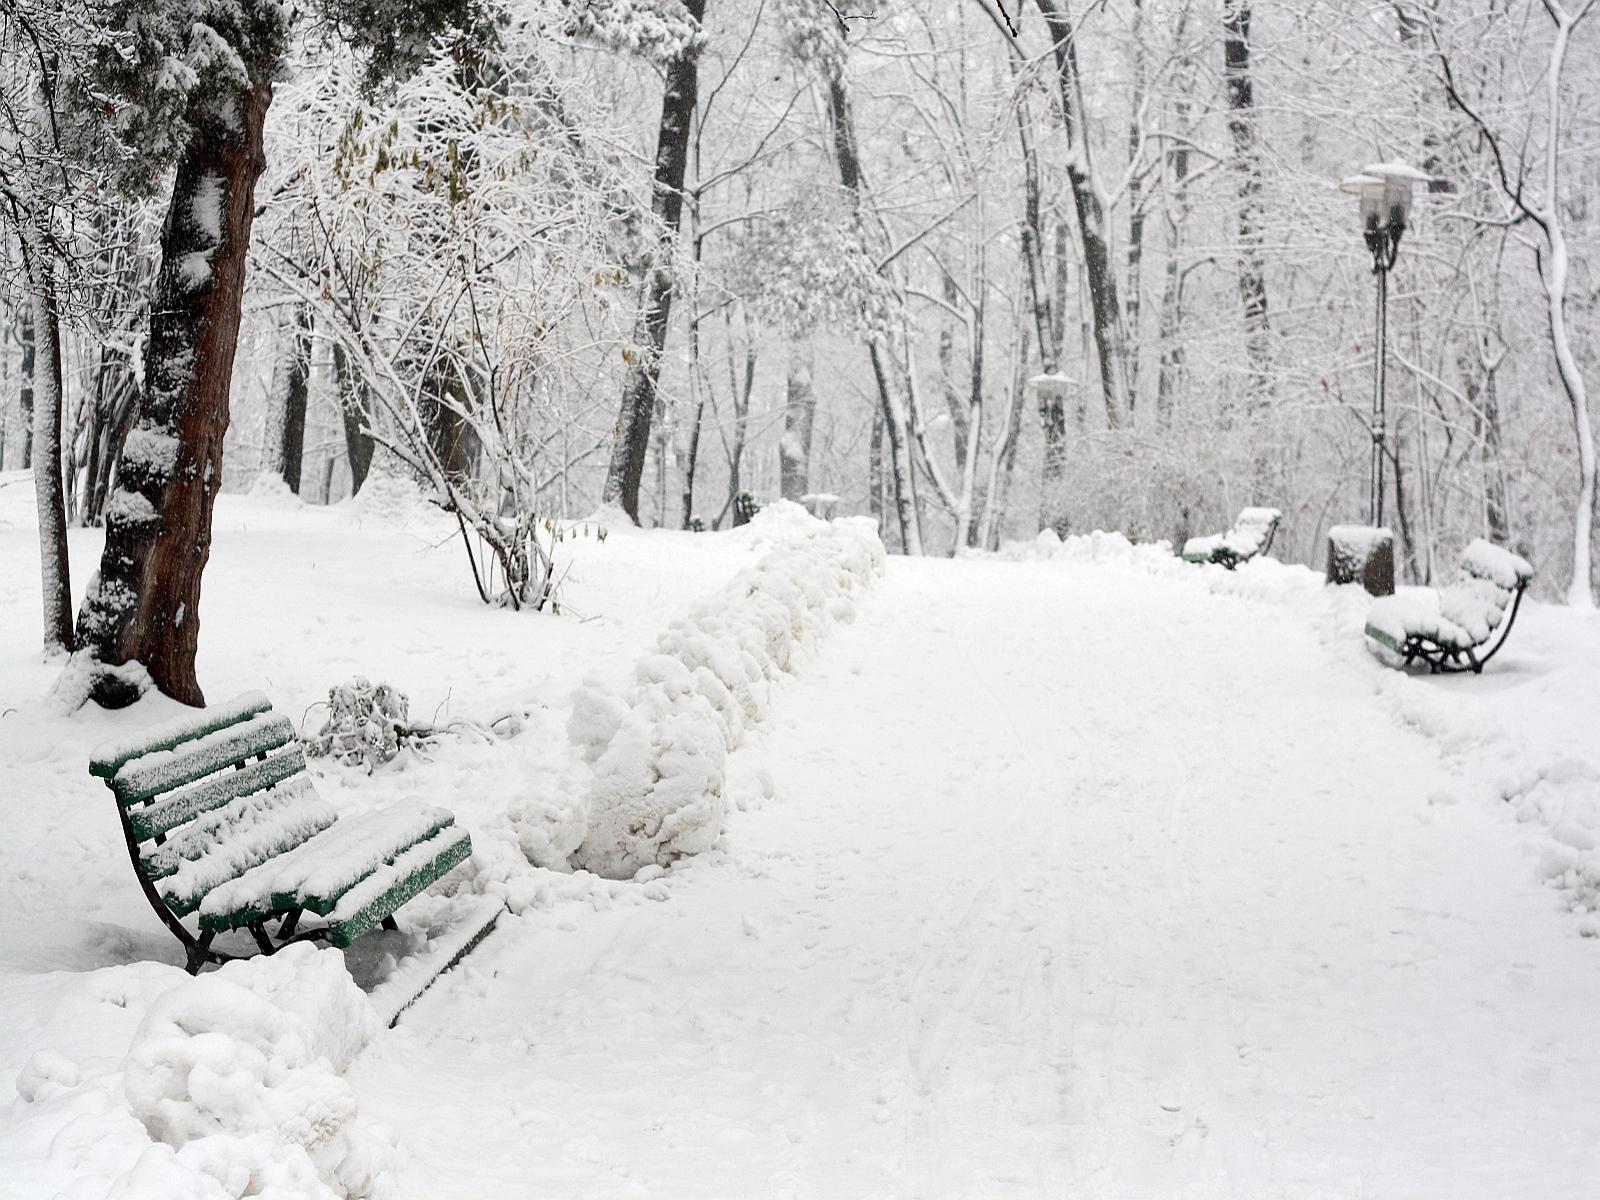 аллея, зима, снег, сугроб, обои для рабочего стола, скачать